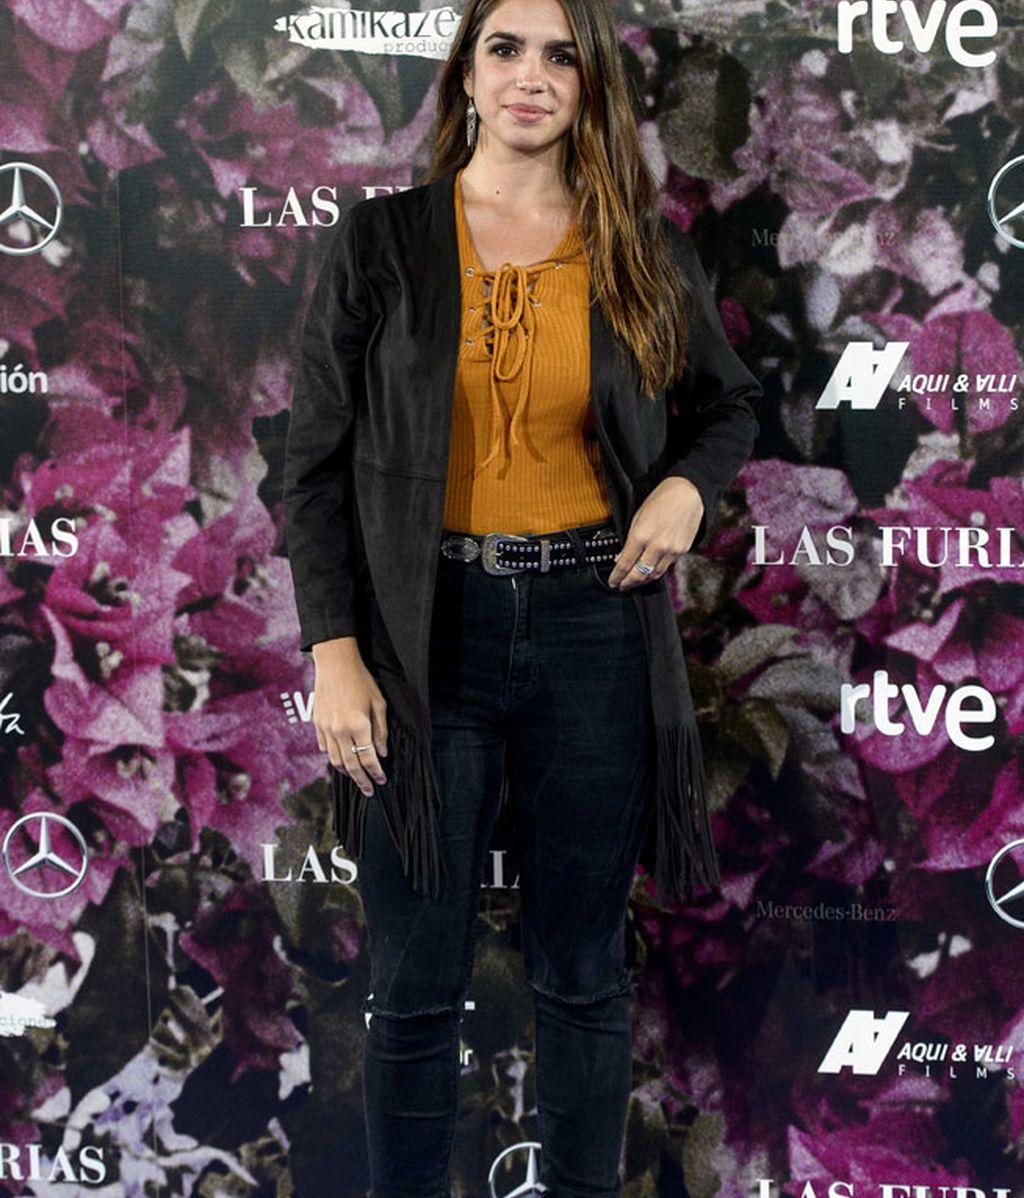 Elena Furiase prefirió un 'look' más otoñal, en teja y con flecos